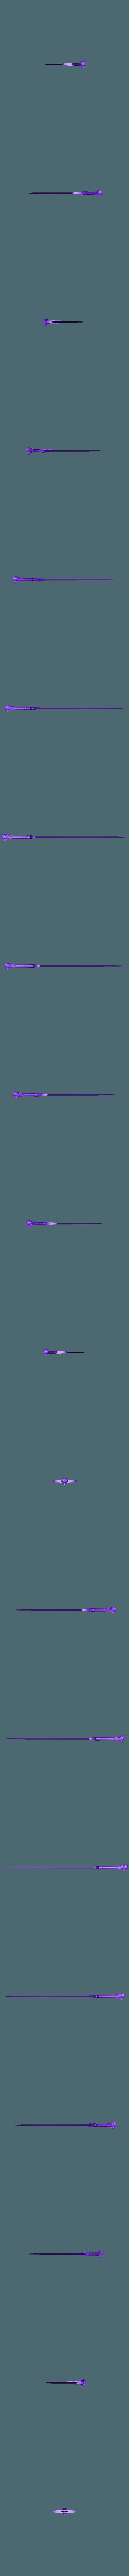 Longclaw 3D complete (repaired).stl Télécharger fichier STL L'épée de Longclaw - L'épée de Jon Snow de Game of Thrones • Objet à imprimer en 3D, Andreasfendt